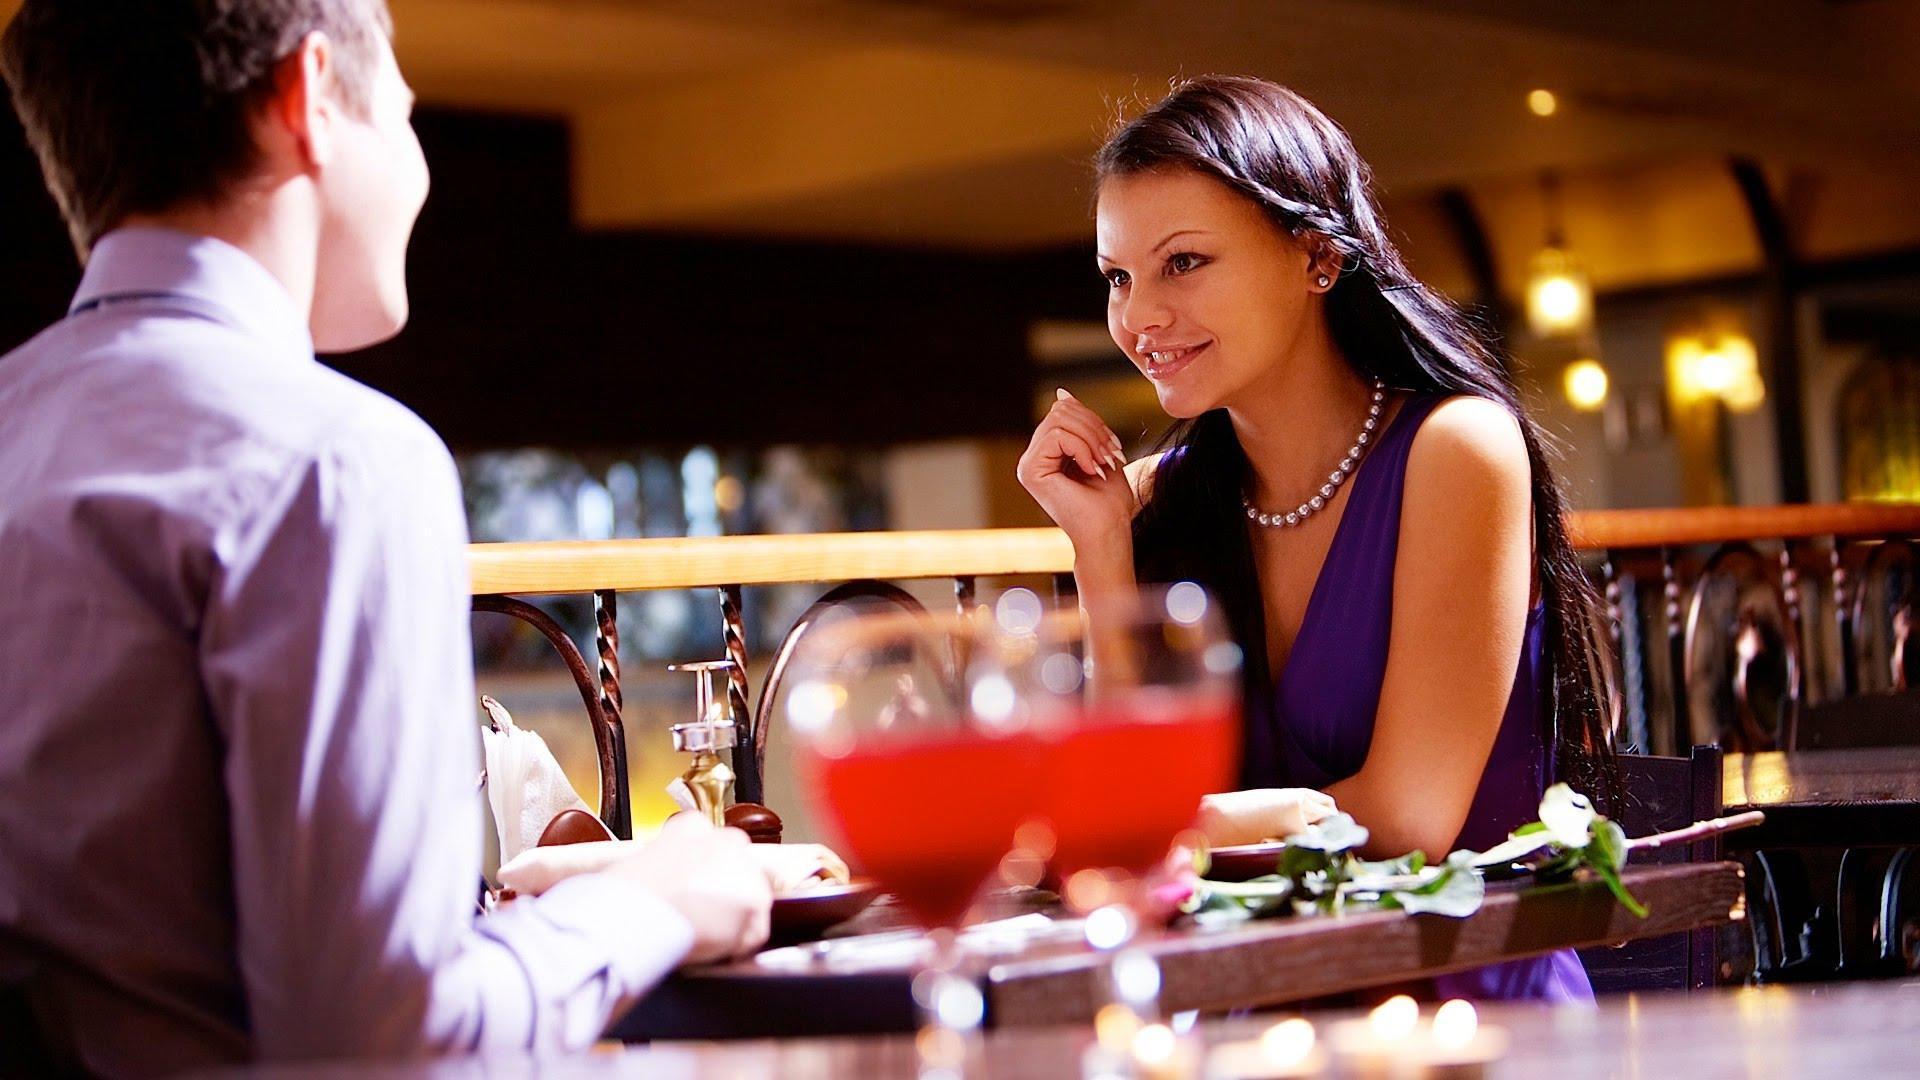 Сексы в ресторане 22 фотография